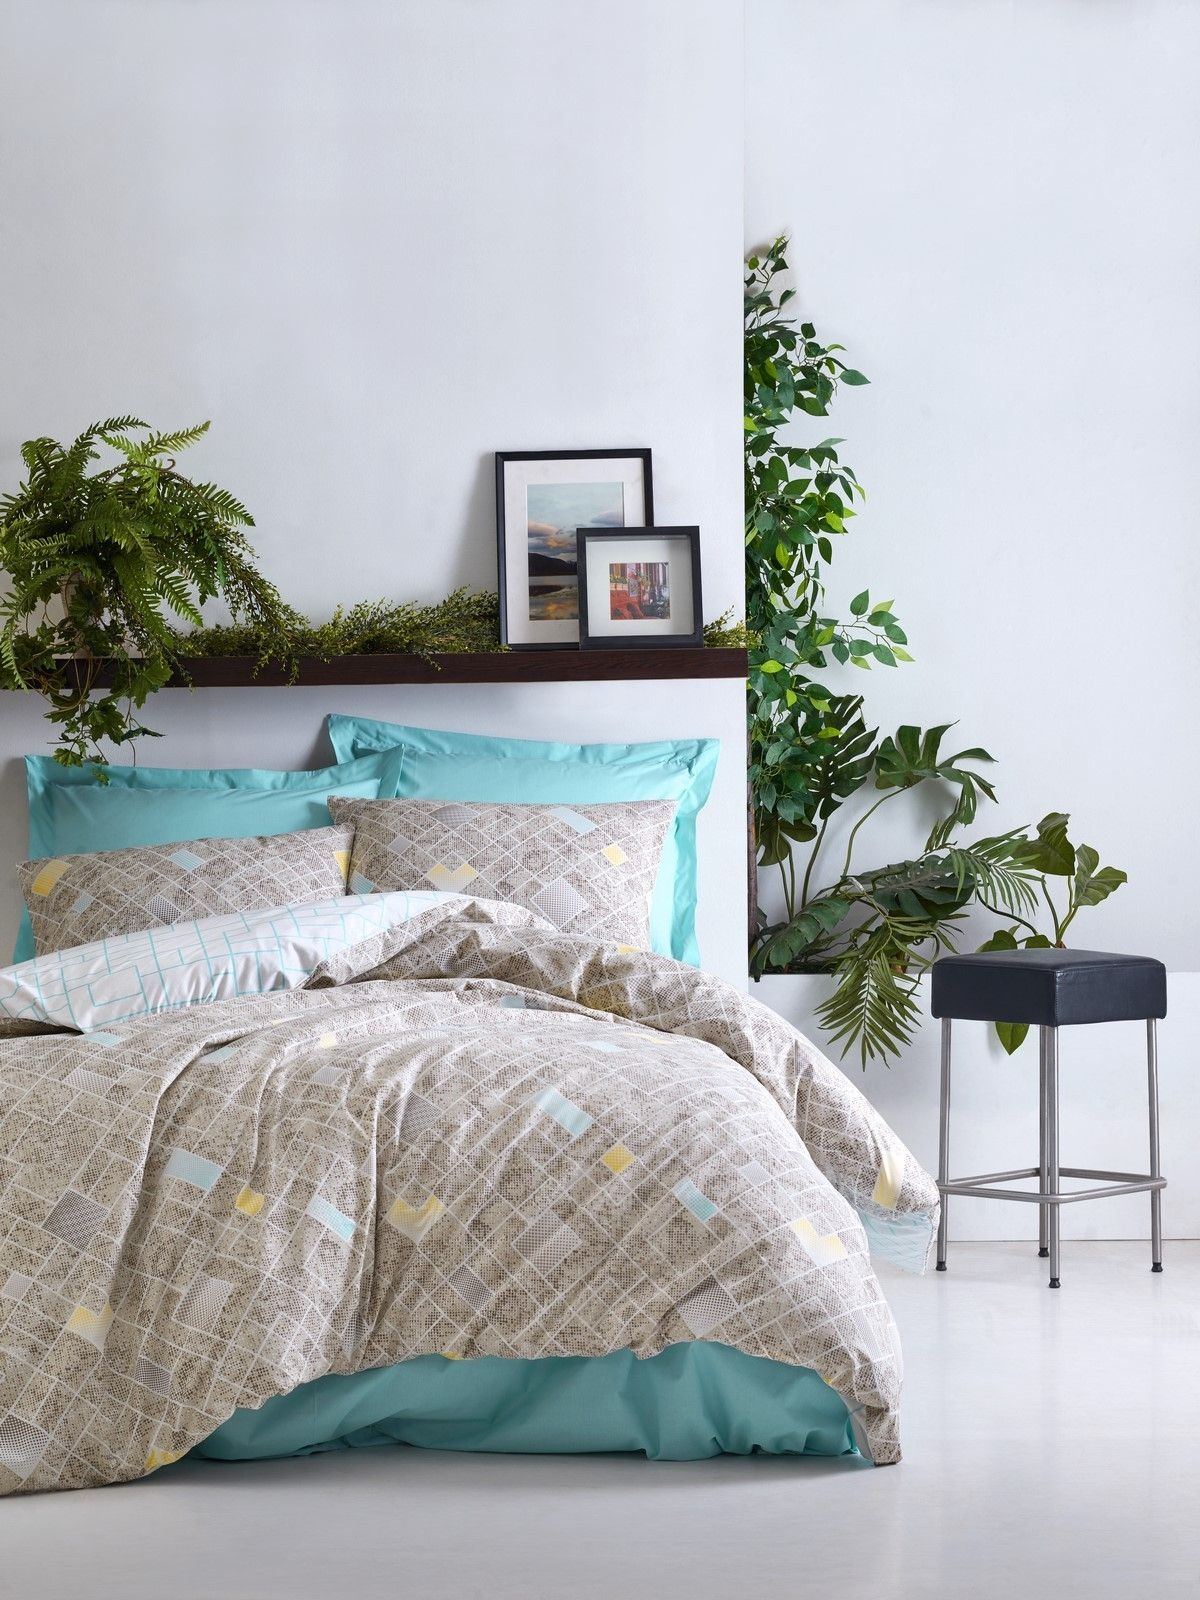 Lenjerie de pat din bumbac Ranforce, Dotted Turcoaz / Bej, 200 x 220 cm somproduct.ro